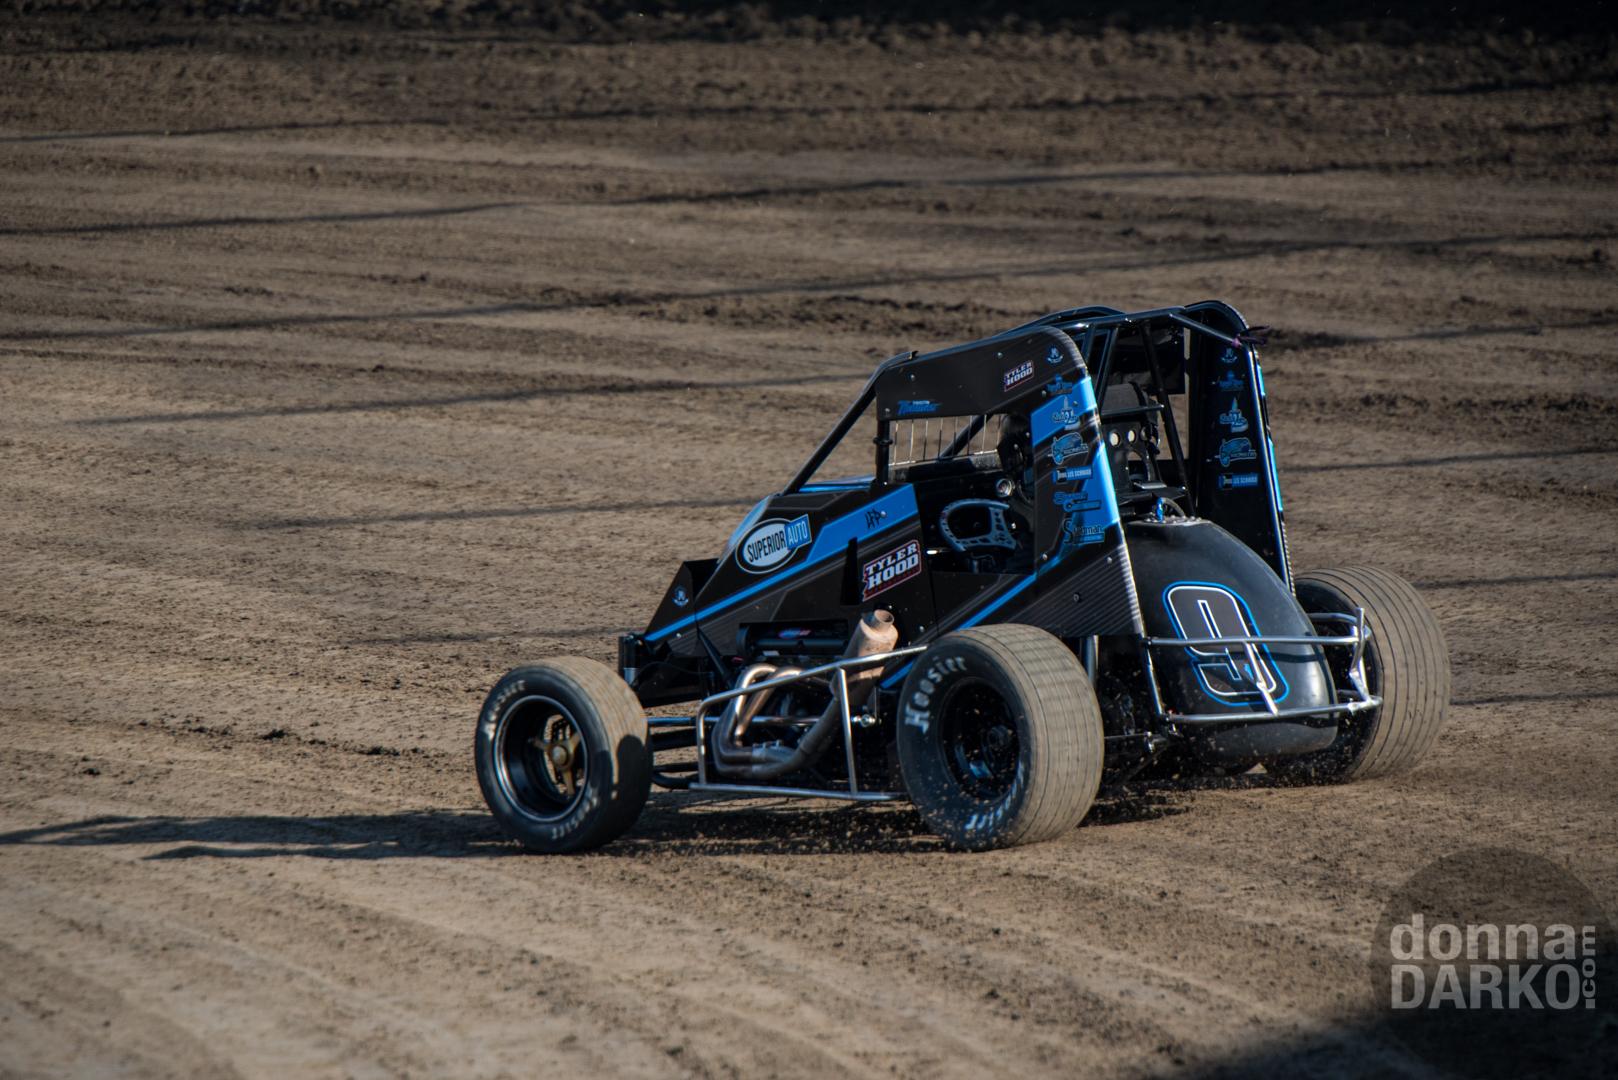 Sagit Speedway (m) 6-21-19 -DSC_0748.jpg